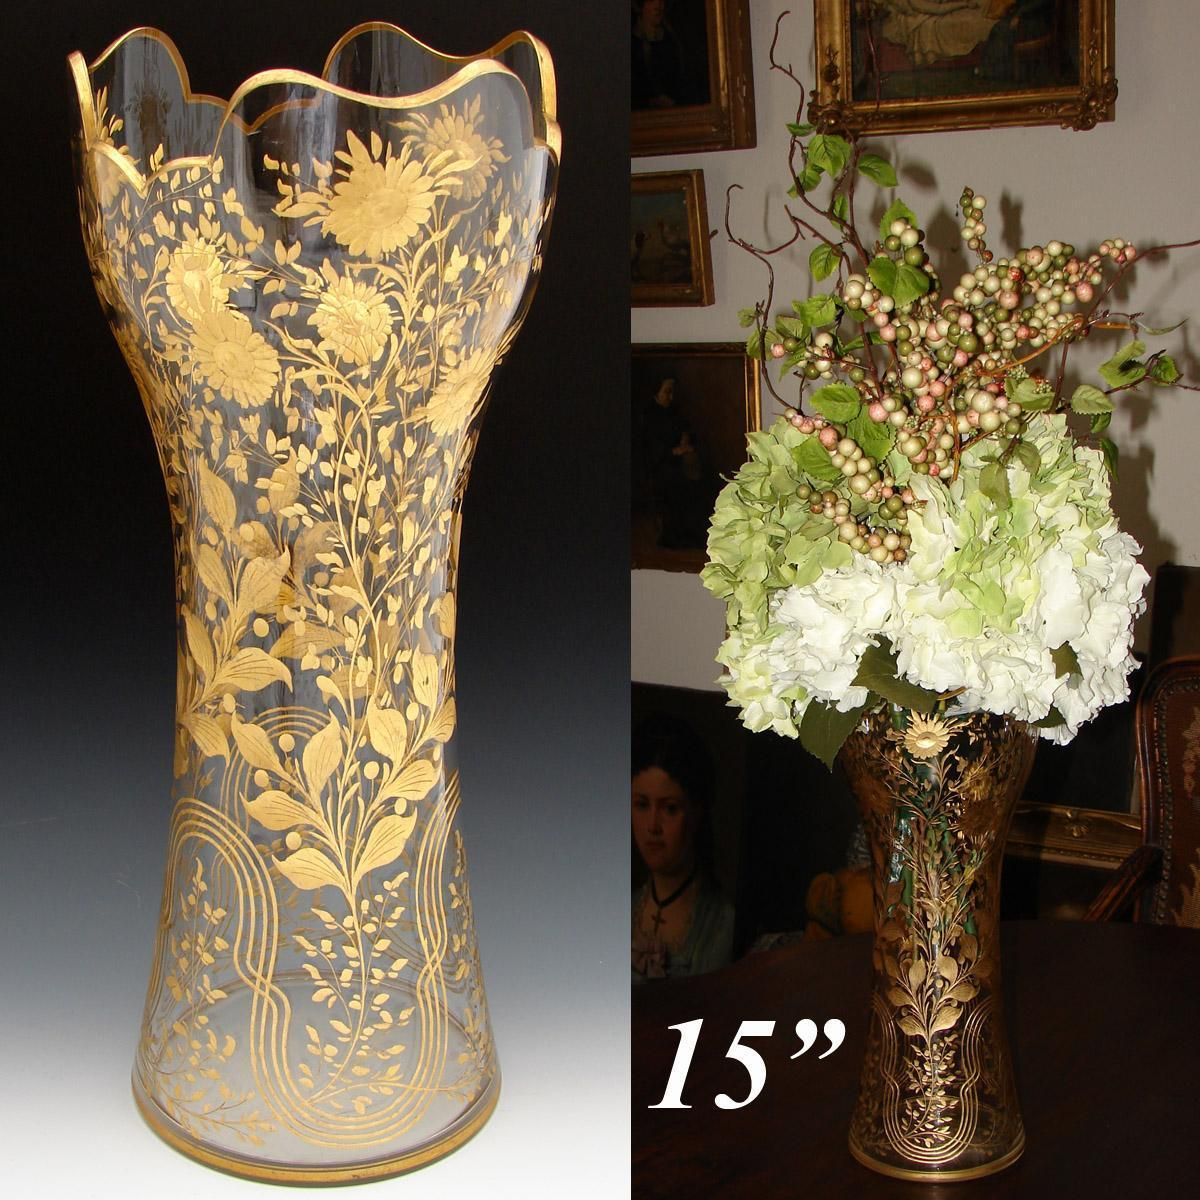 """HUGE Antique French or Moser 15"""" Flower Vase, Cut Glass & Ornate Floral Intaglio & Gold Enamel Decoration"""